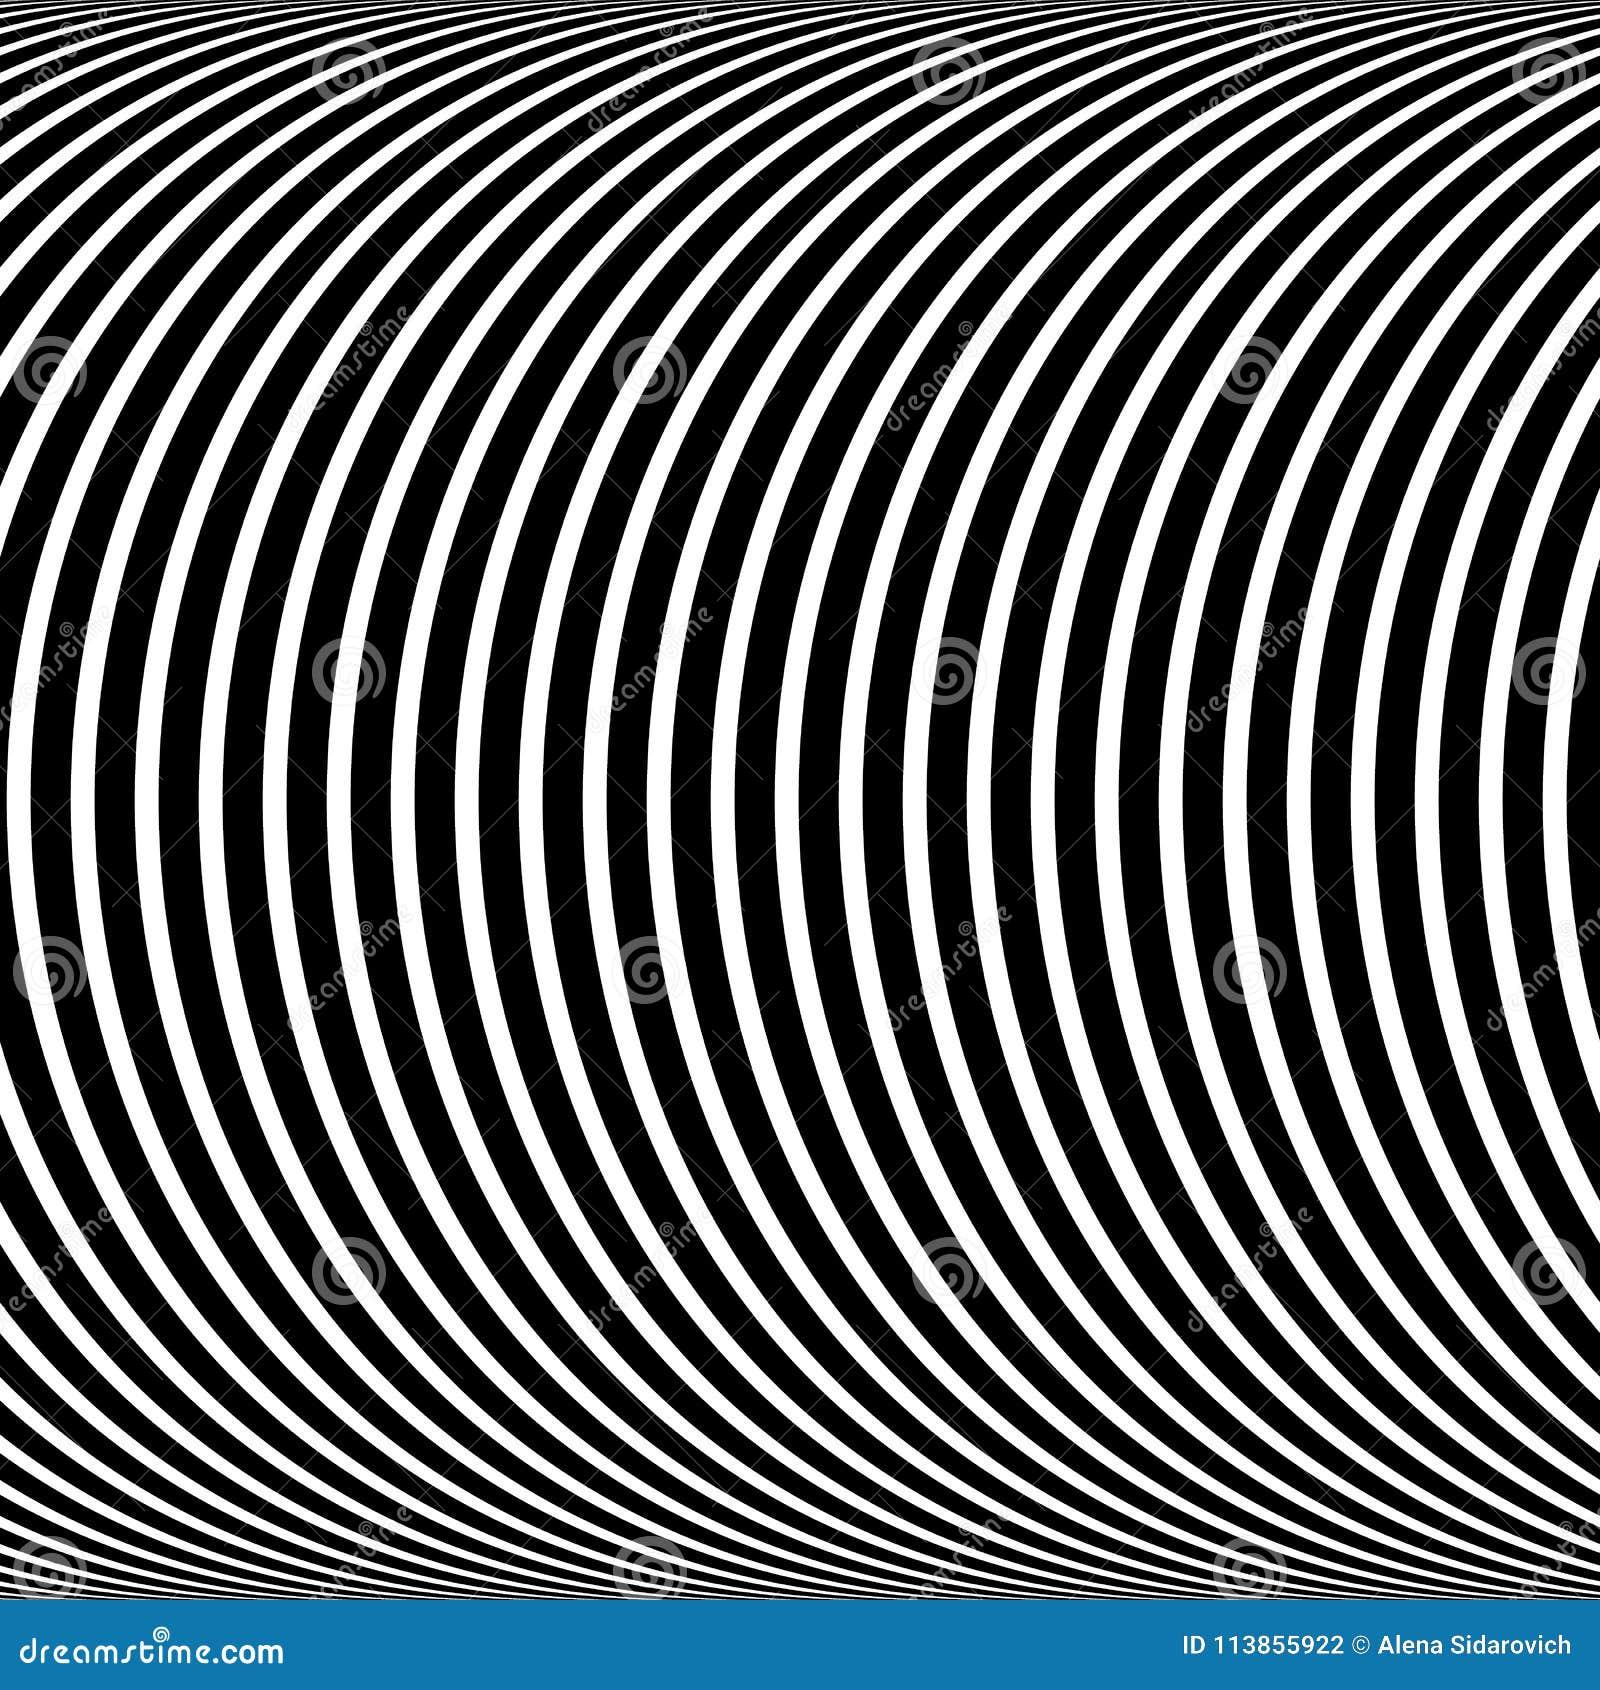 Modelo psicodélico, ilusión blanco y negro óptica